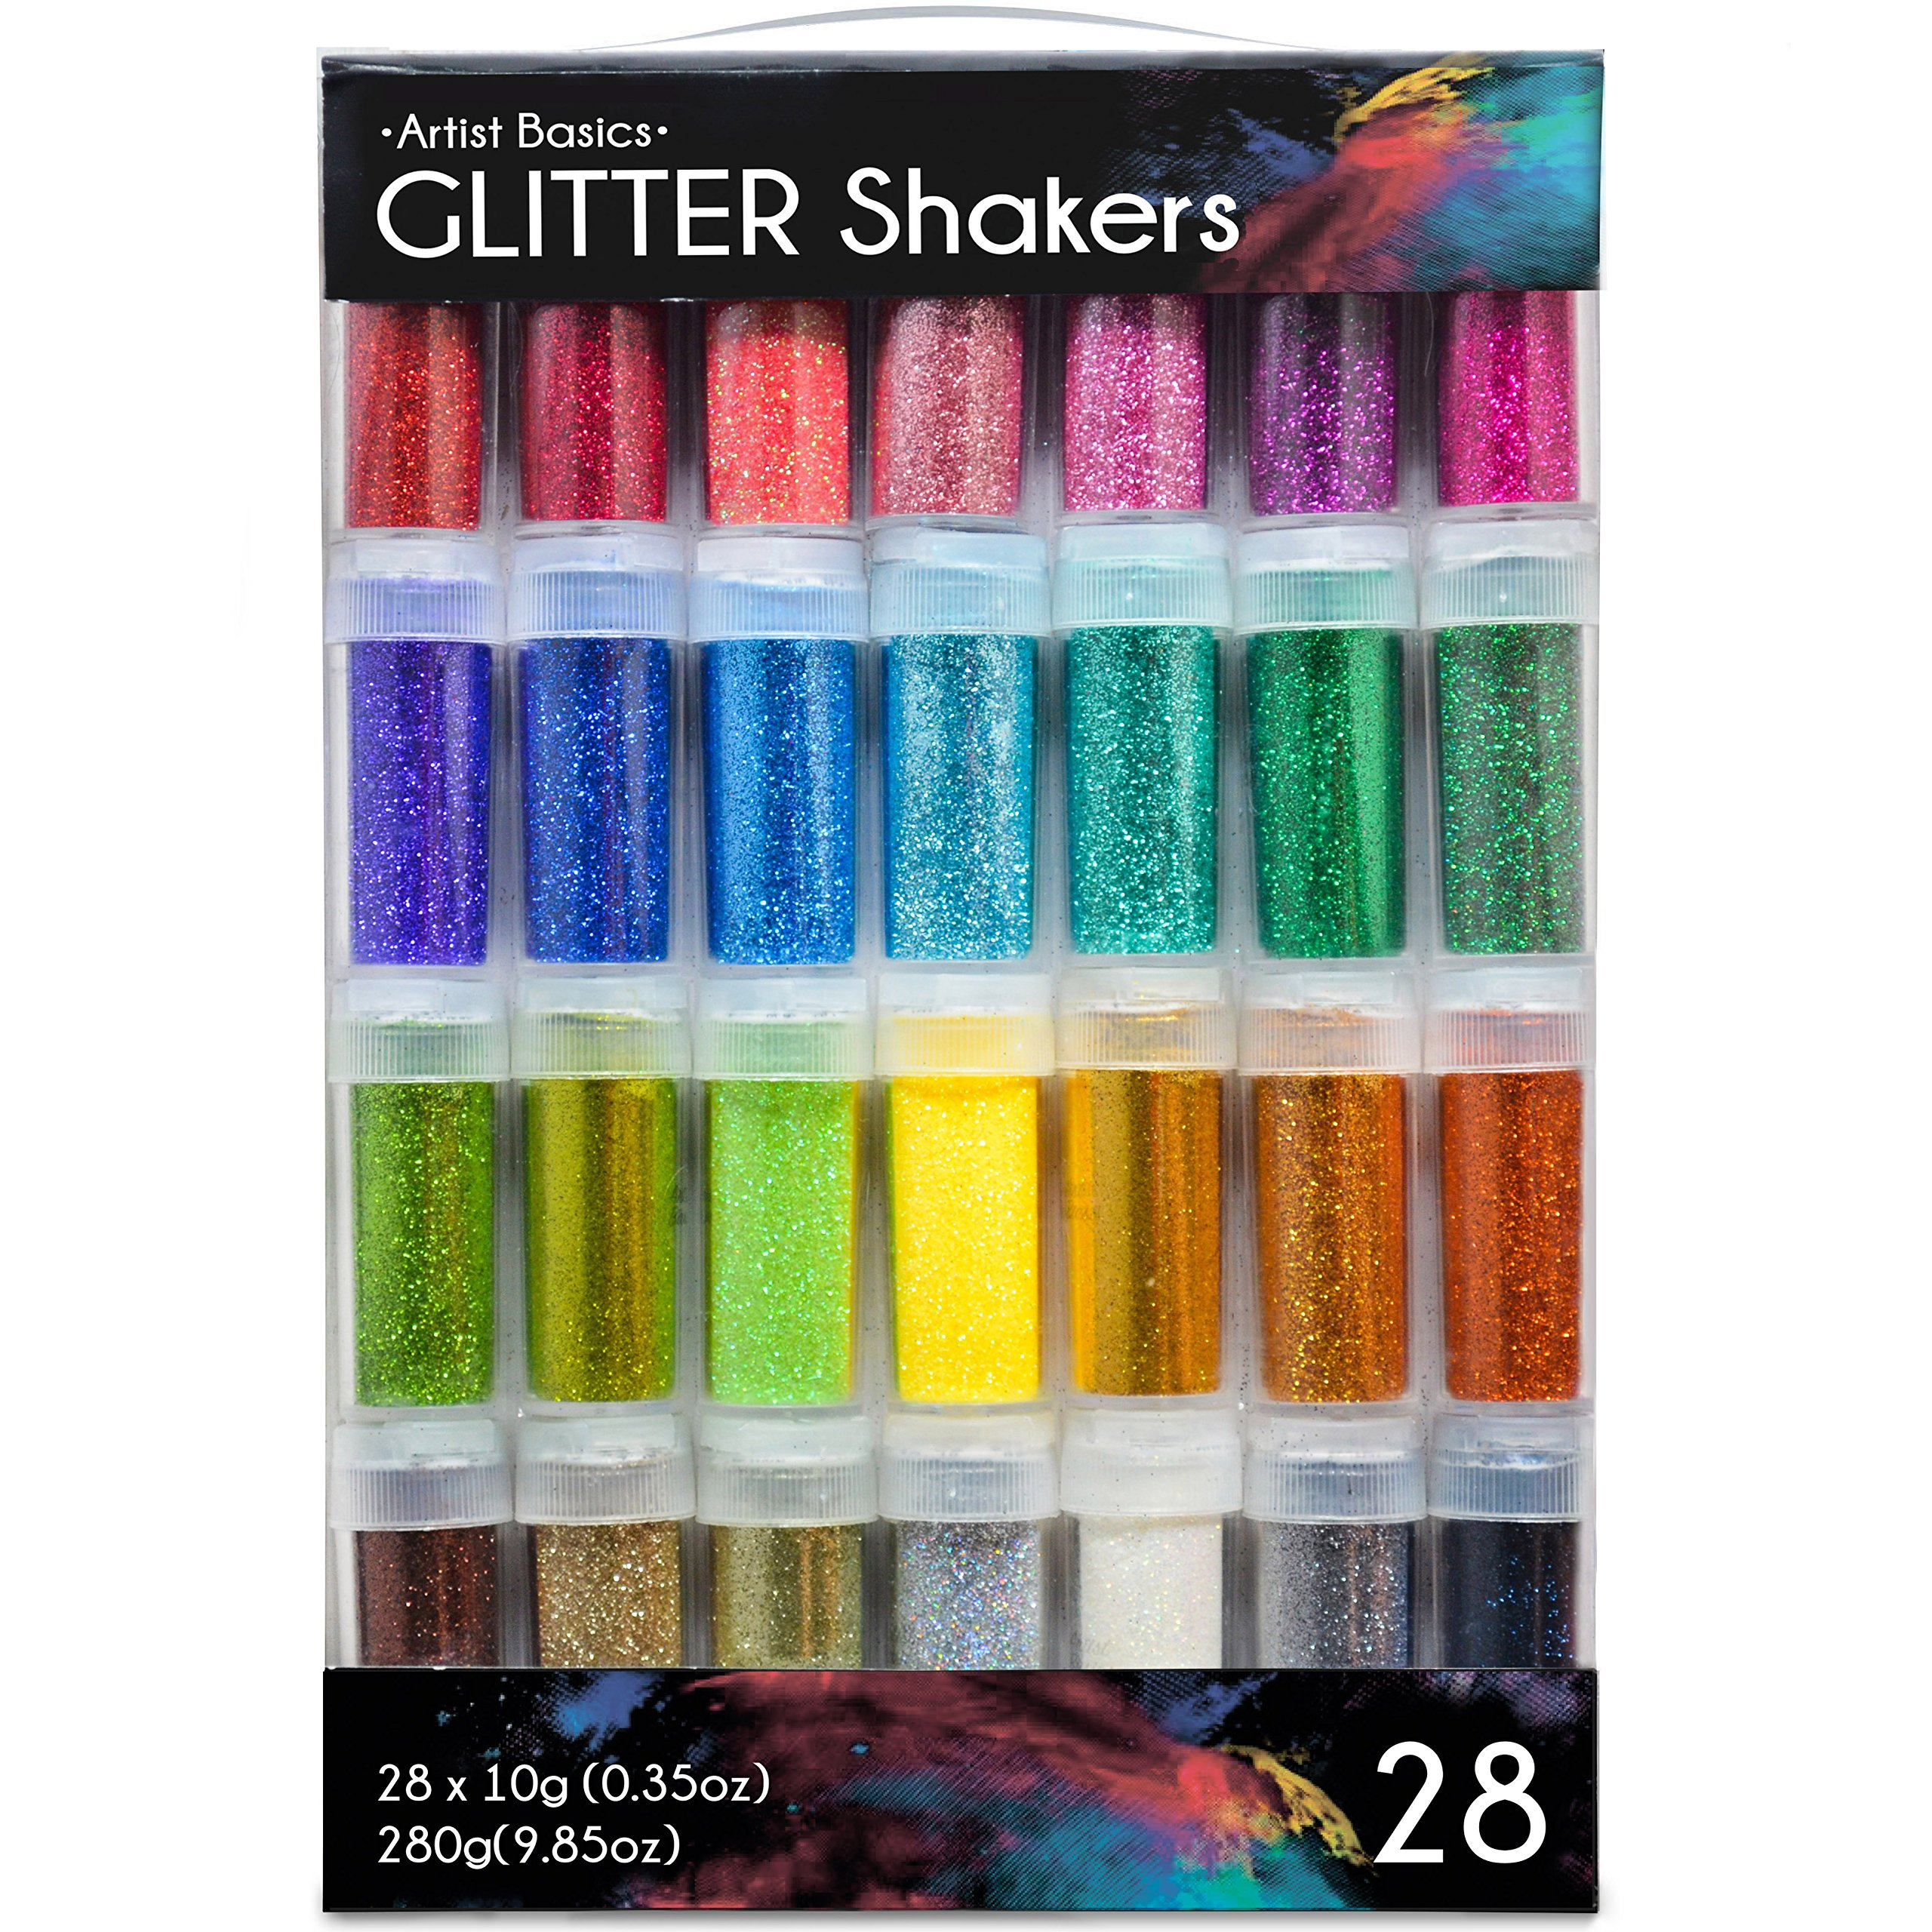 Premium Ultra Fine Glitter for Slime - Craft Glitter - Art Supplies Glitter Shaker Jars - Extra Fine Glitter Set - Slime Ingredients, 28 Pack